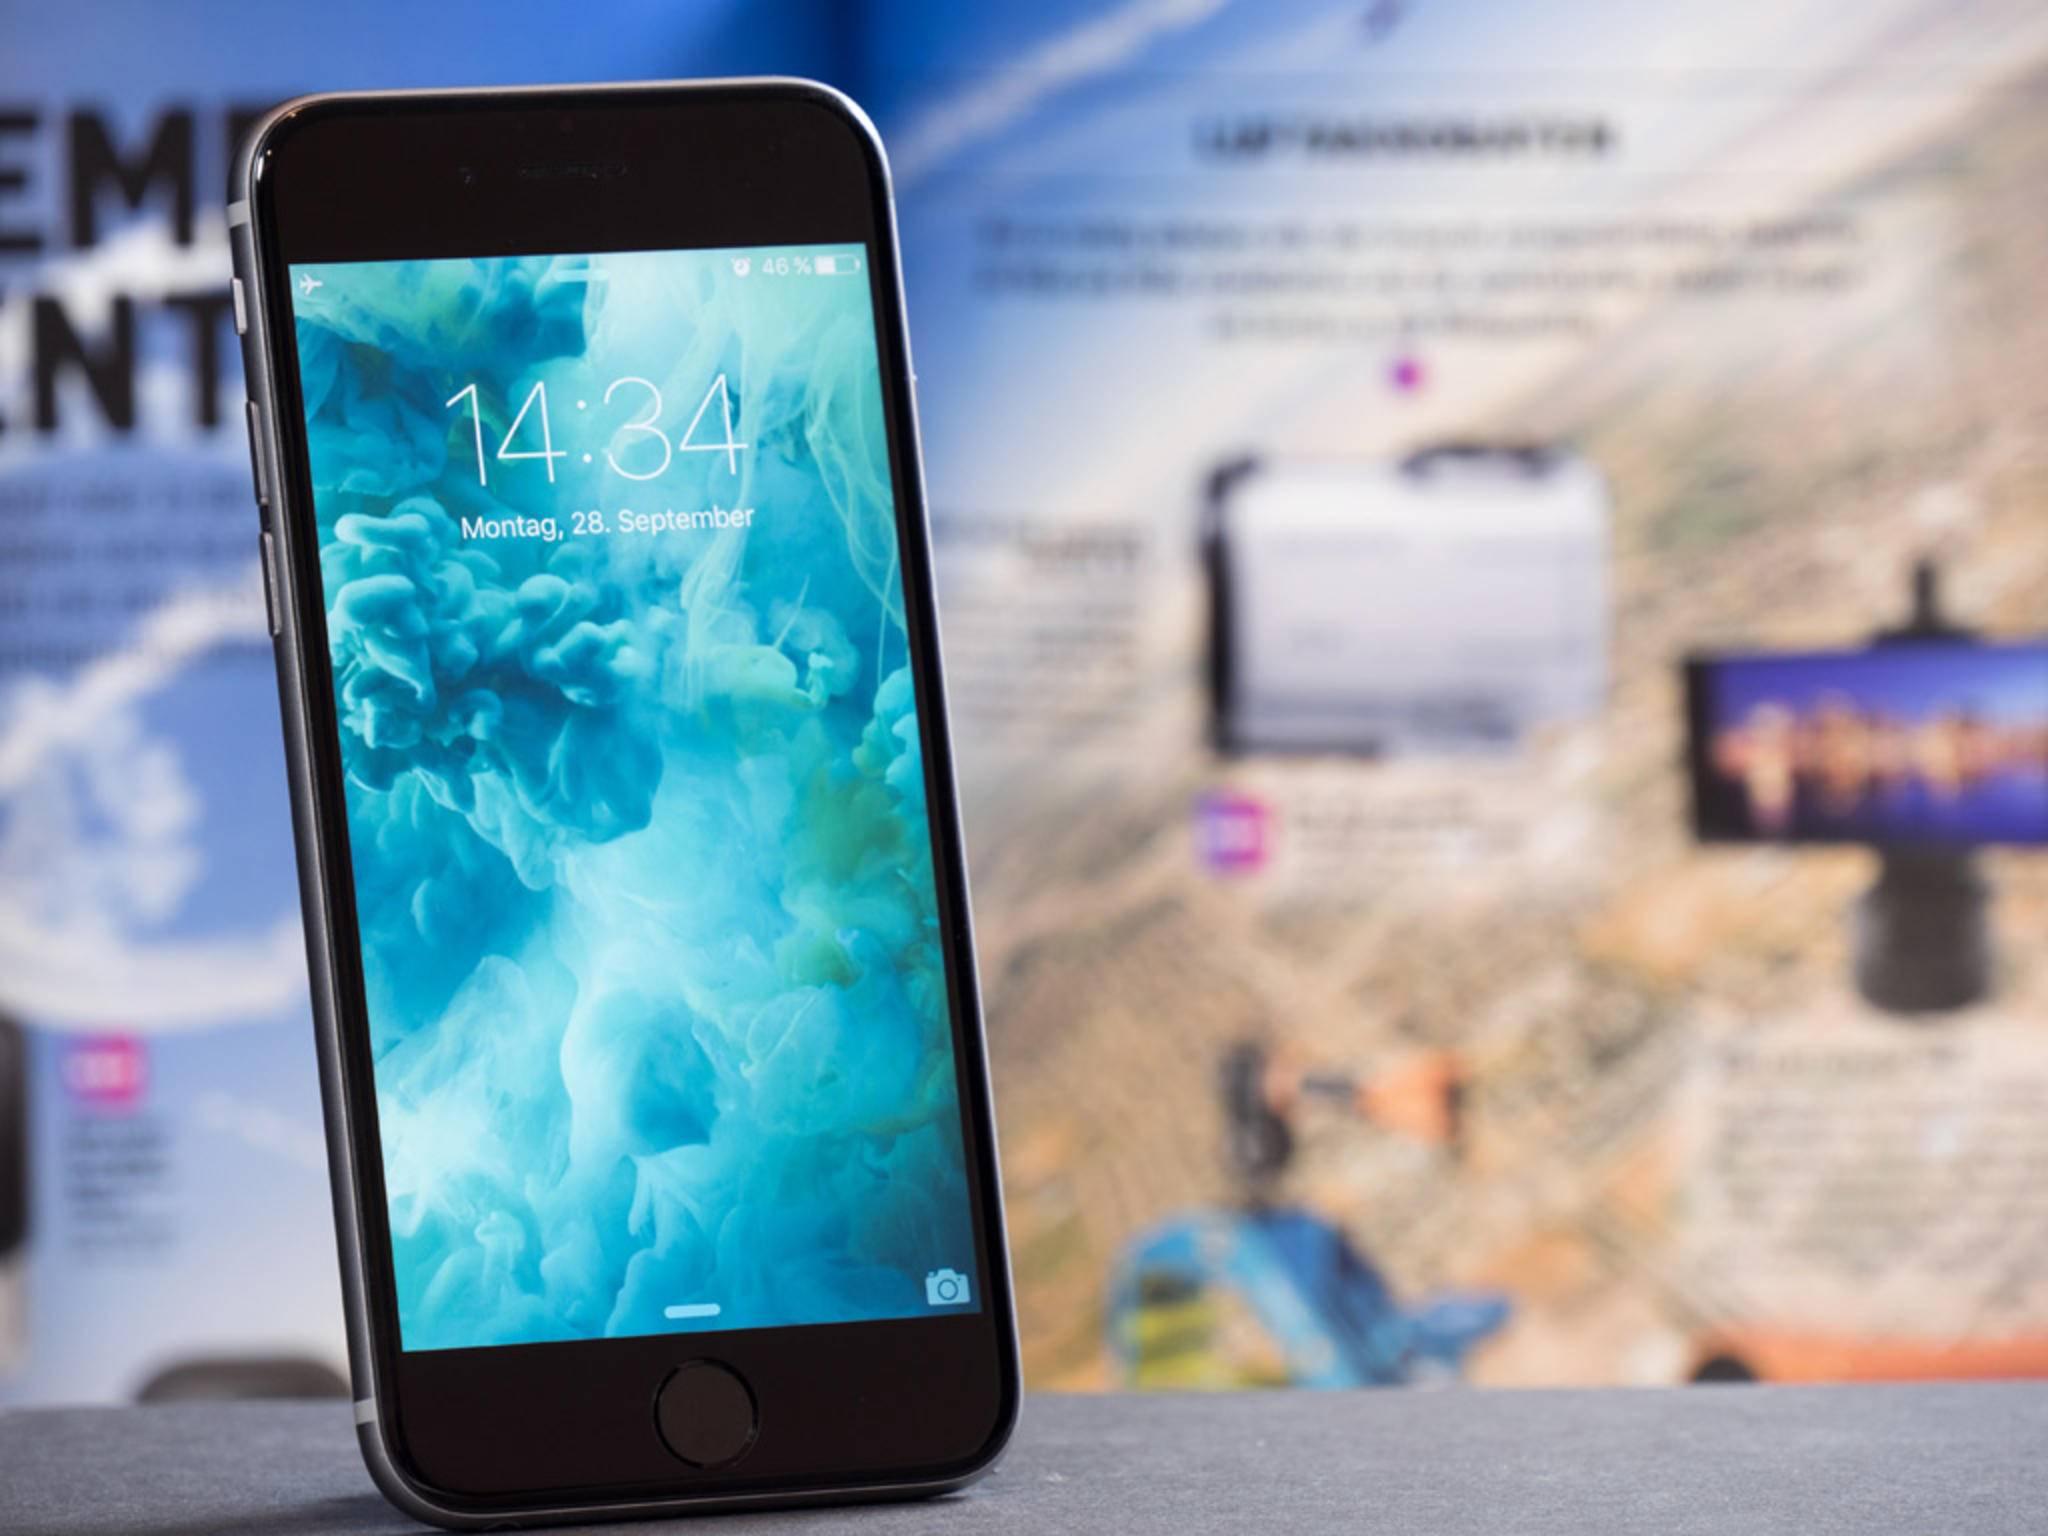 Das iPhone 6s geriet durch unerwartete Shutdowns in die Schlagzeilen.